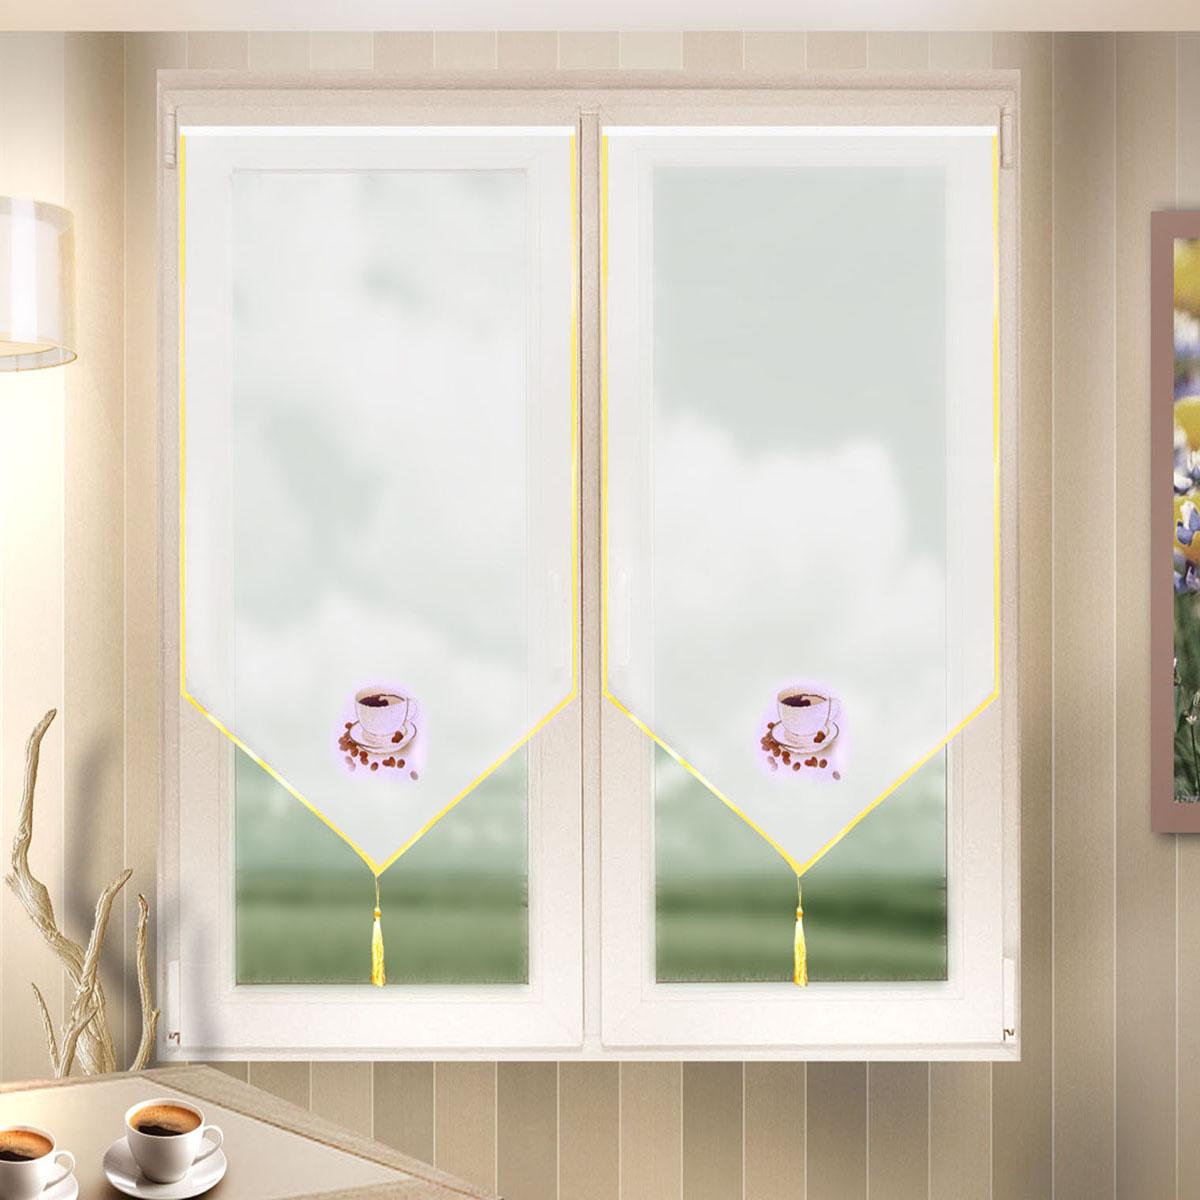 Гардина Zlata Korunka, на липкой ленте, цвет: белый, высота 90 см. 666023/2666023/2Гардина на липкой ленте Zlata Korunka, изготовленная из полиэстера, станет великолепным украшением любого окна. Полотно из белой вуали с печатным рисунком привлечет к себе внимание и органично впишется в интерьер комнаты. Лучшая альтернатива рулонным шторам - шторы на липкой ленте. Особенность этих штор заключается в том, что они имеют липкую основу в месте крепления. Лента или основа надежно и быстро крепится на раму окна, а на нее фиксируется сама штора.